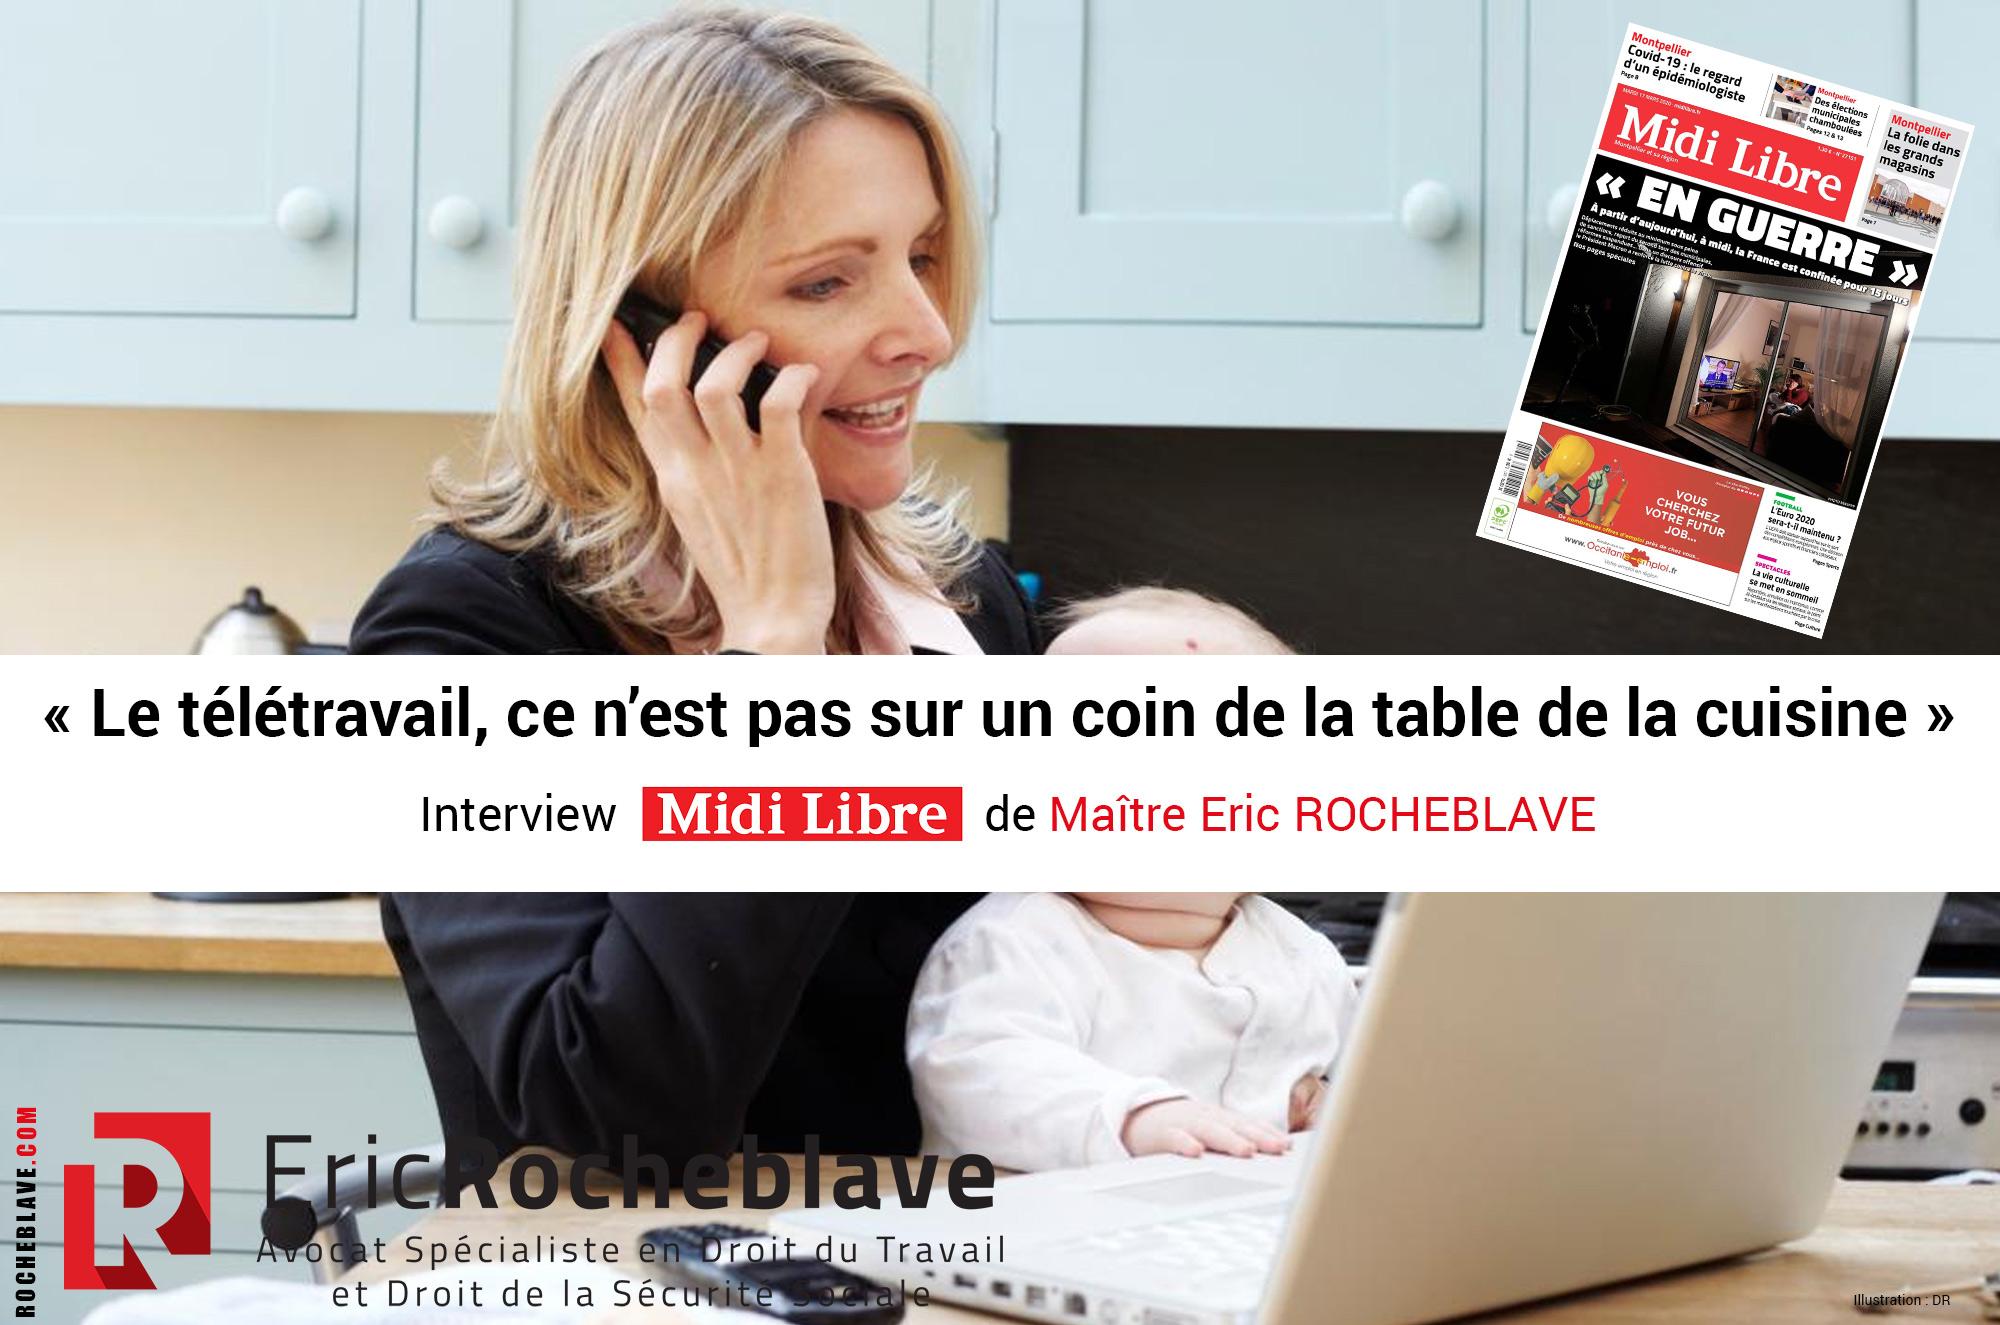 « Le télétravail, ce n'est pas sur un coin de la table de la cuisine » Interview Le Midi Libre de Maître Eric ROCHEBLAVE